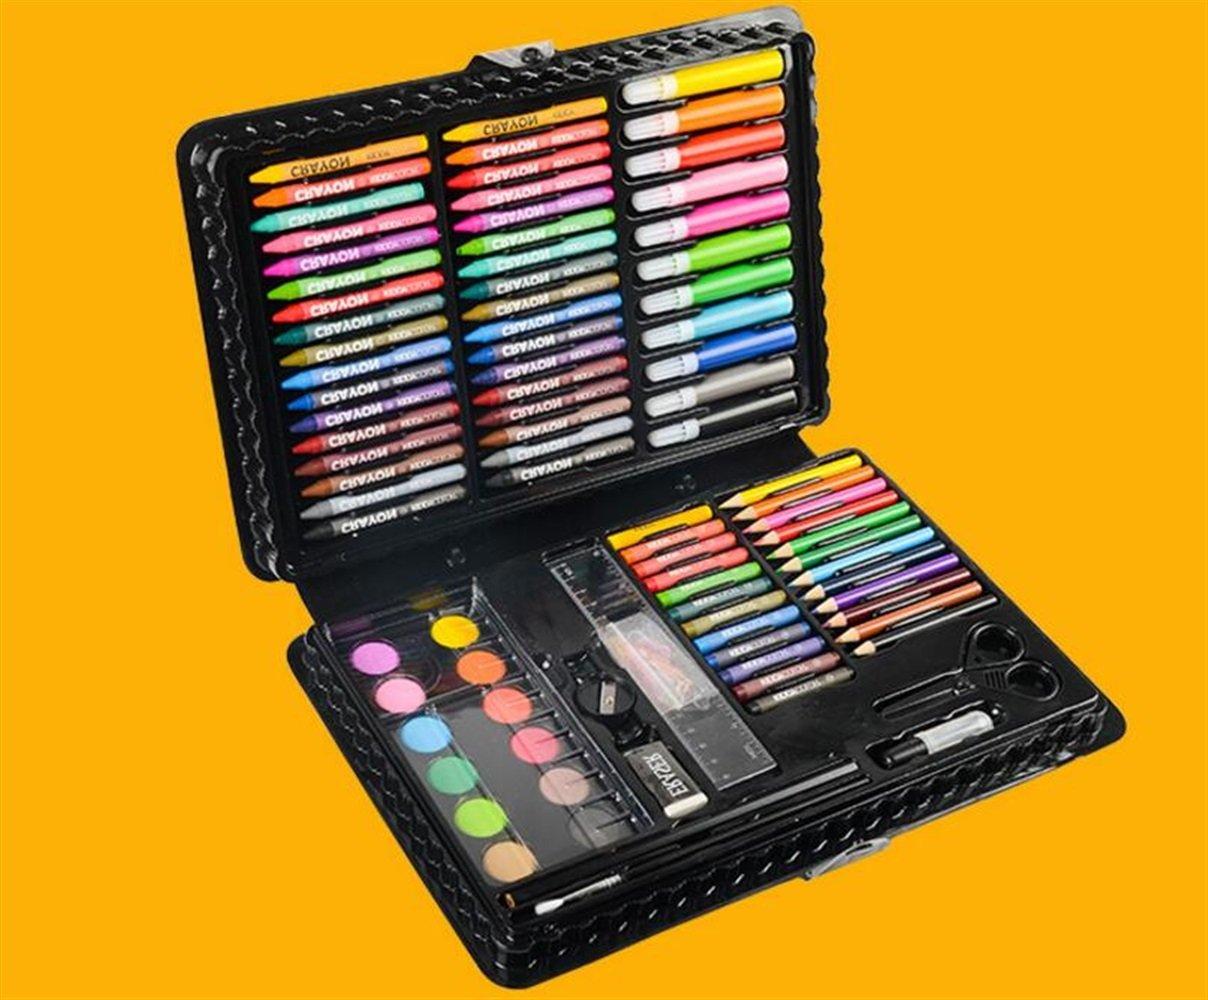 20b33ebadf58 Lápices de Colores 109 Unids Dibujo Arte Conjunto de Pintura de Colores  Lápices Marcadores Pincel de Pintura Aceite Pastel Crayon Kit Ideal para  Artistas: ...